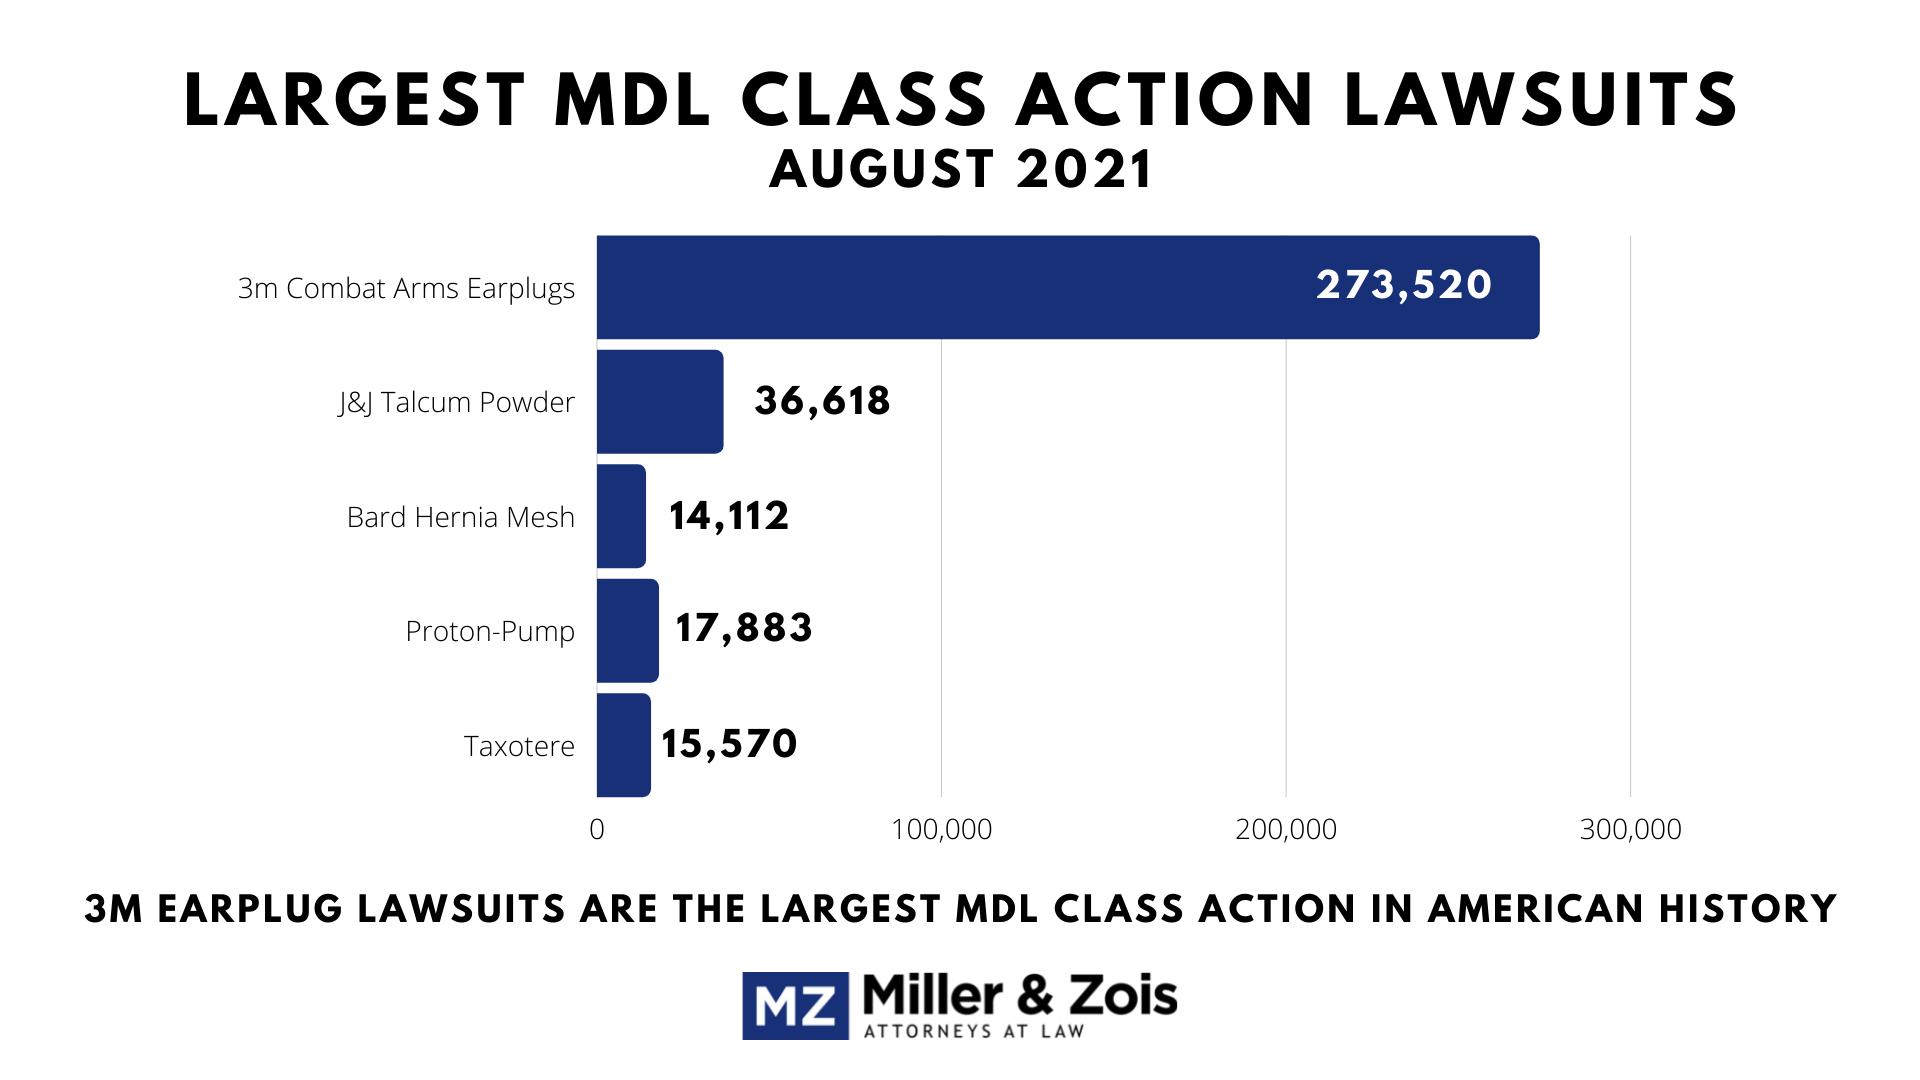 Largest-MDL-Class-Action-Lawsuits-Sept